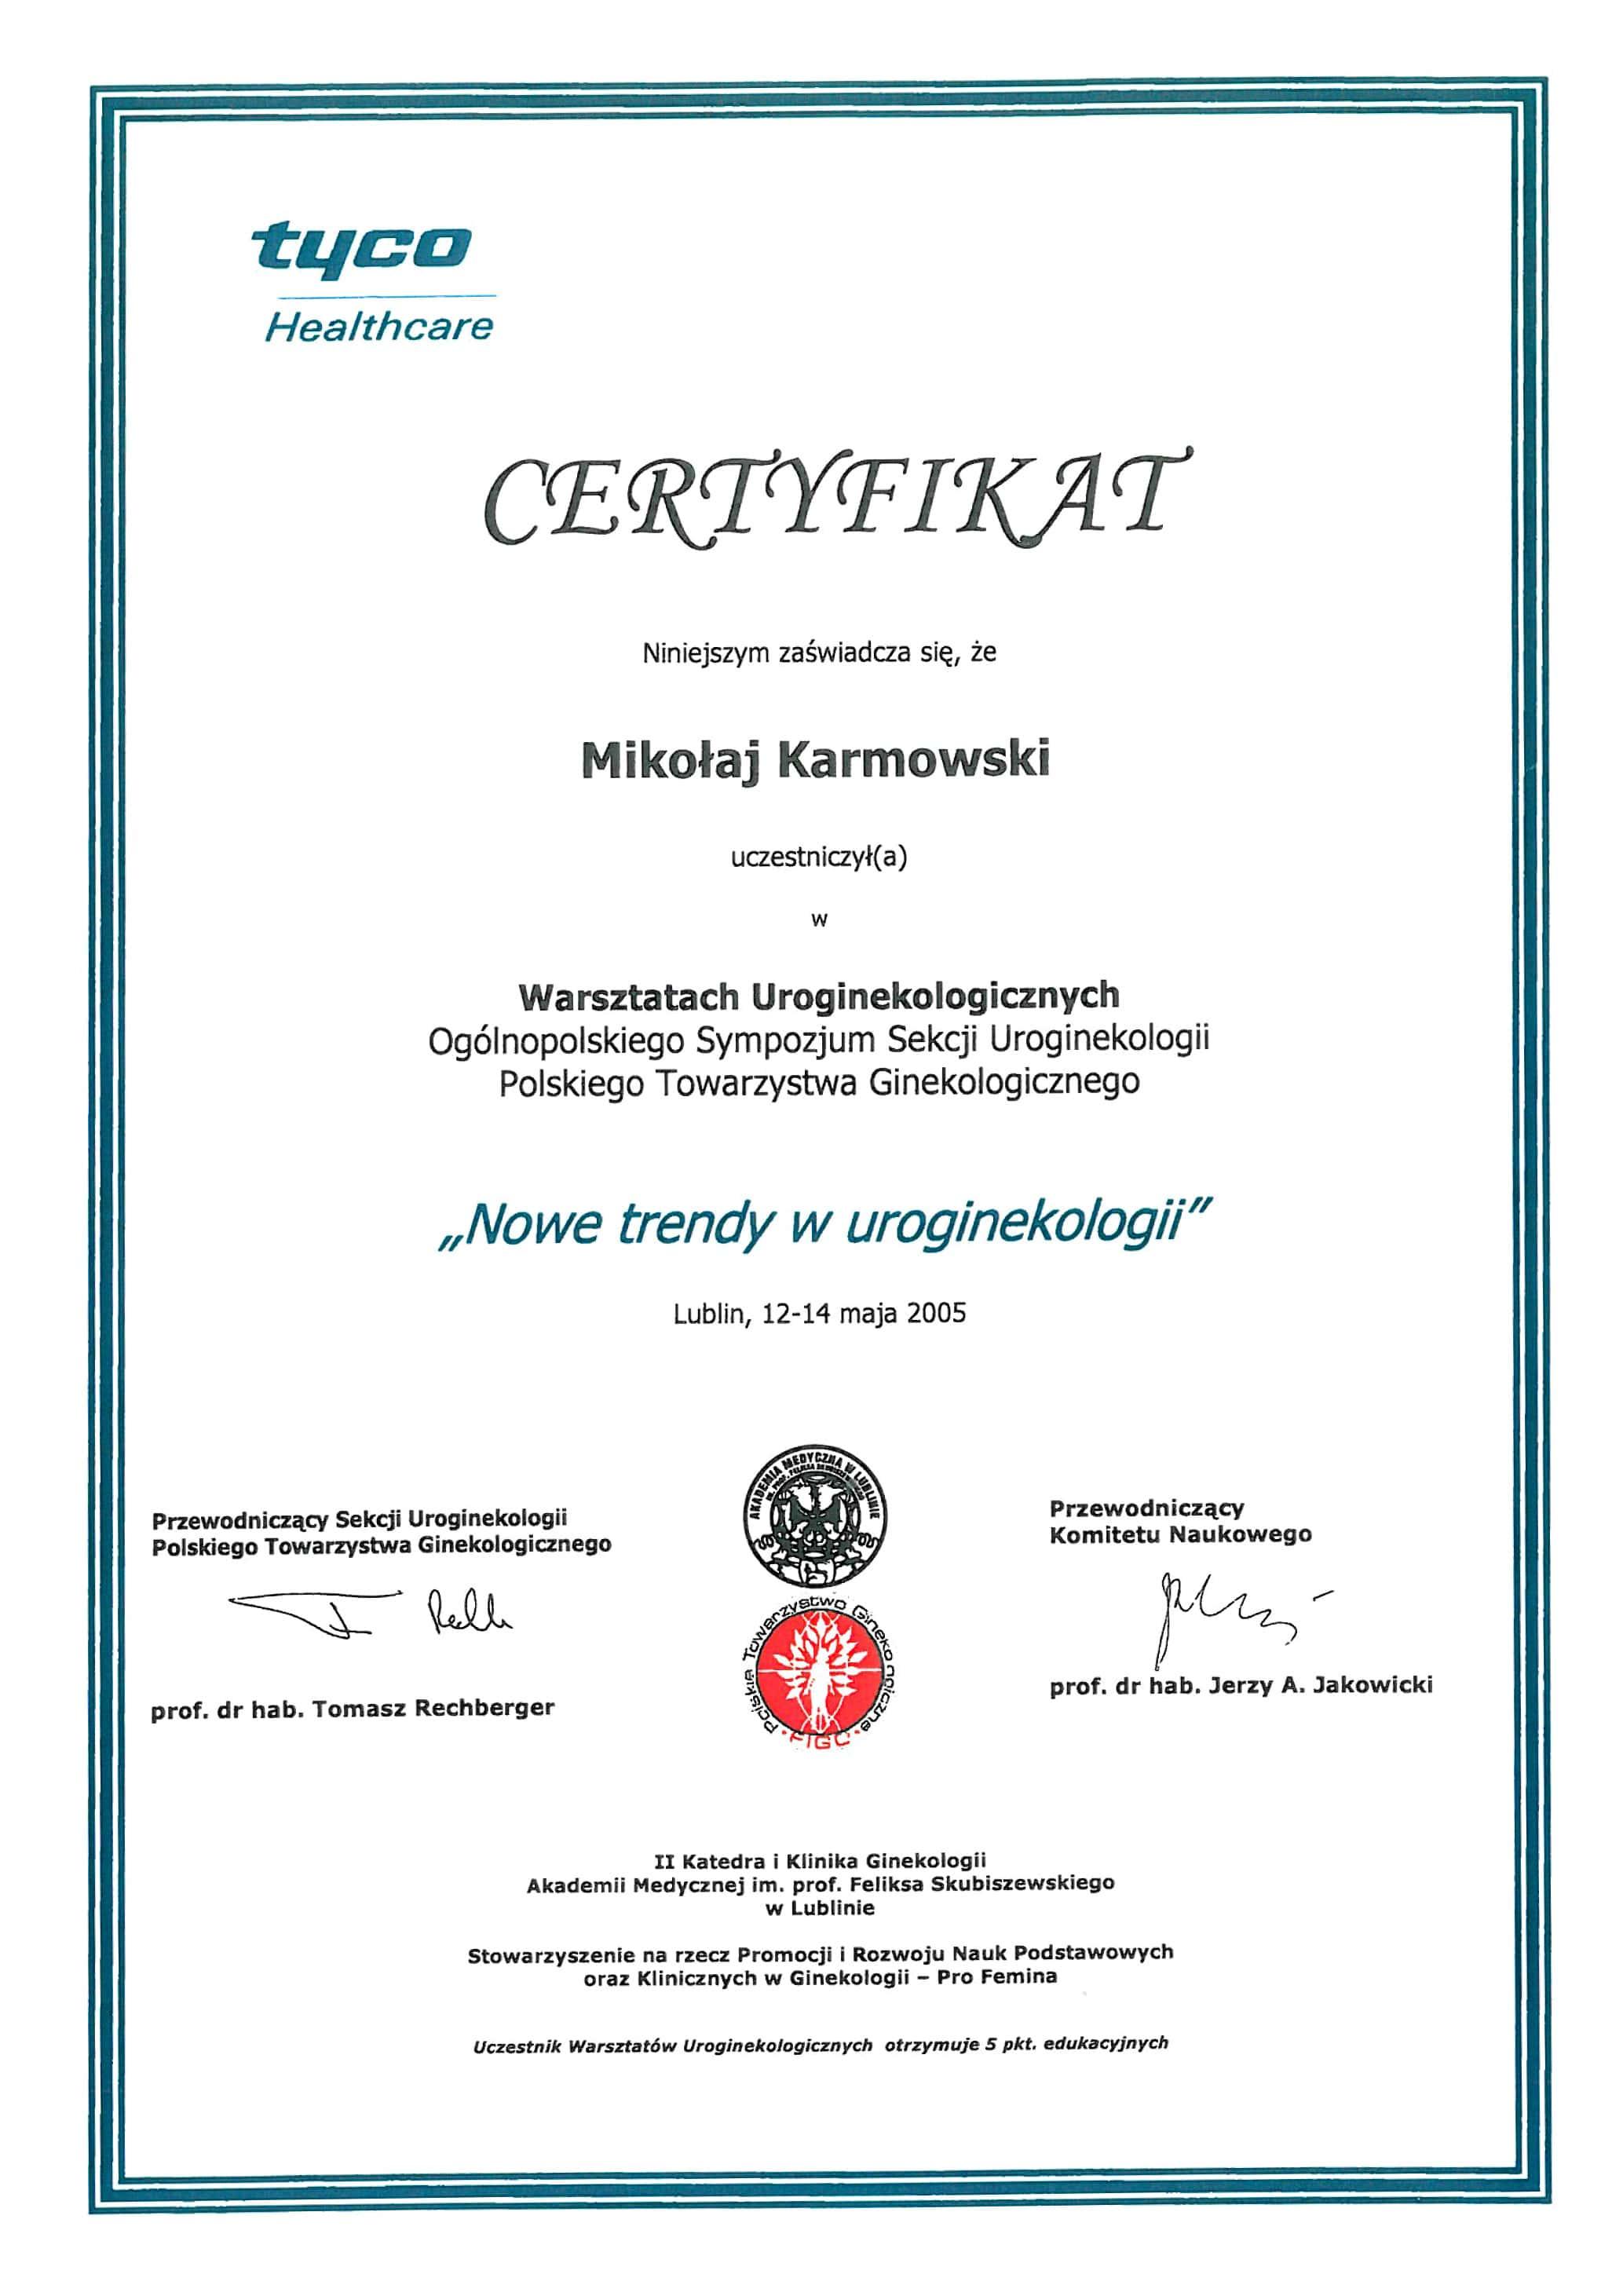 Mikołaj Karmowski certyfikat nowe trendy w ginekologii